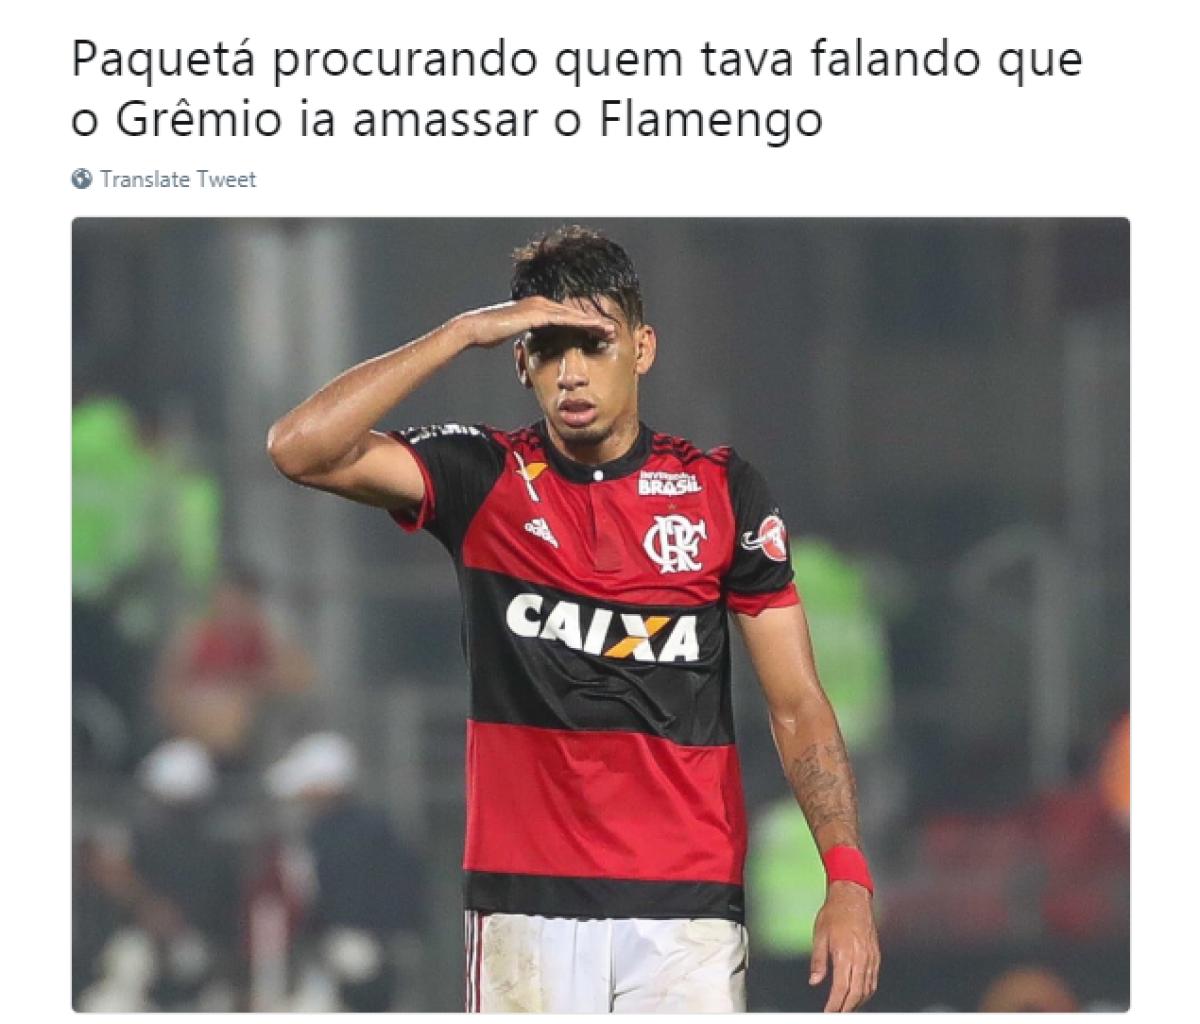 6005f509b9 Memes bombam na Web após classificação do Flamengo na semifinal da ...